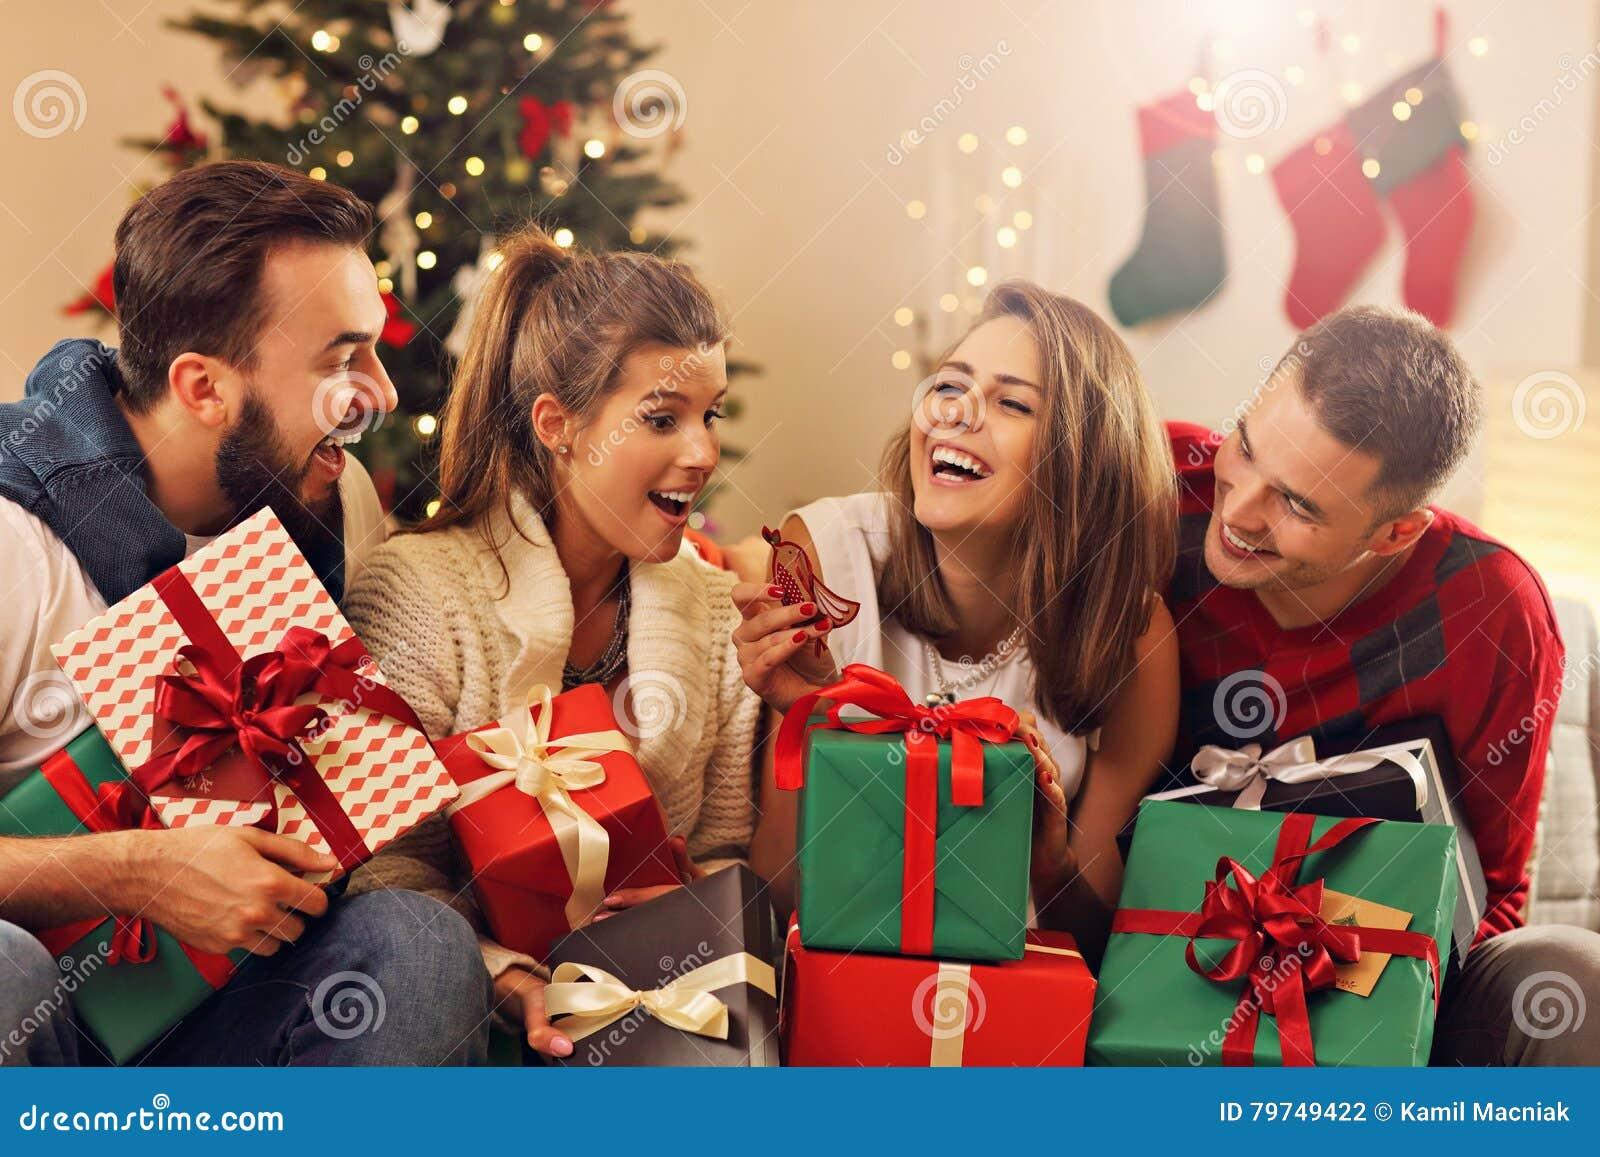 Weihnachten Feiern.Gruppe Freunde Die Weihnachten Feiern Stockfoto Bild Von Spaß